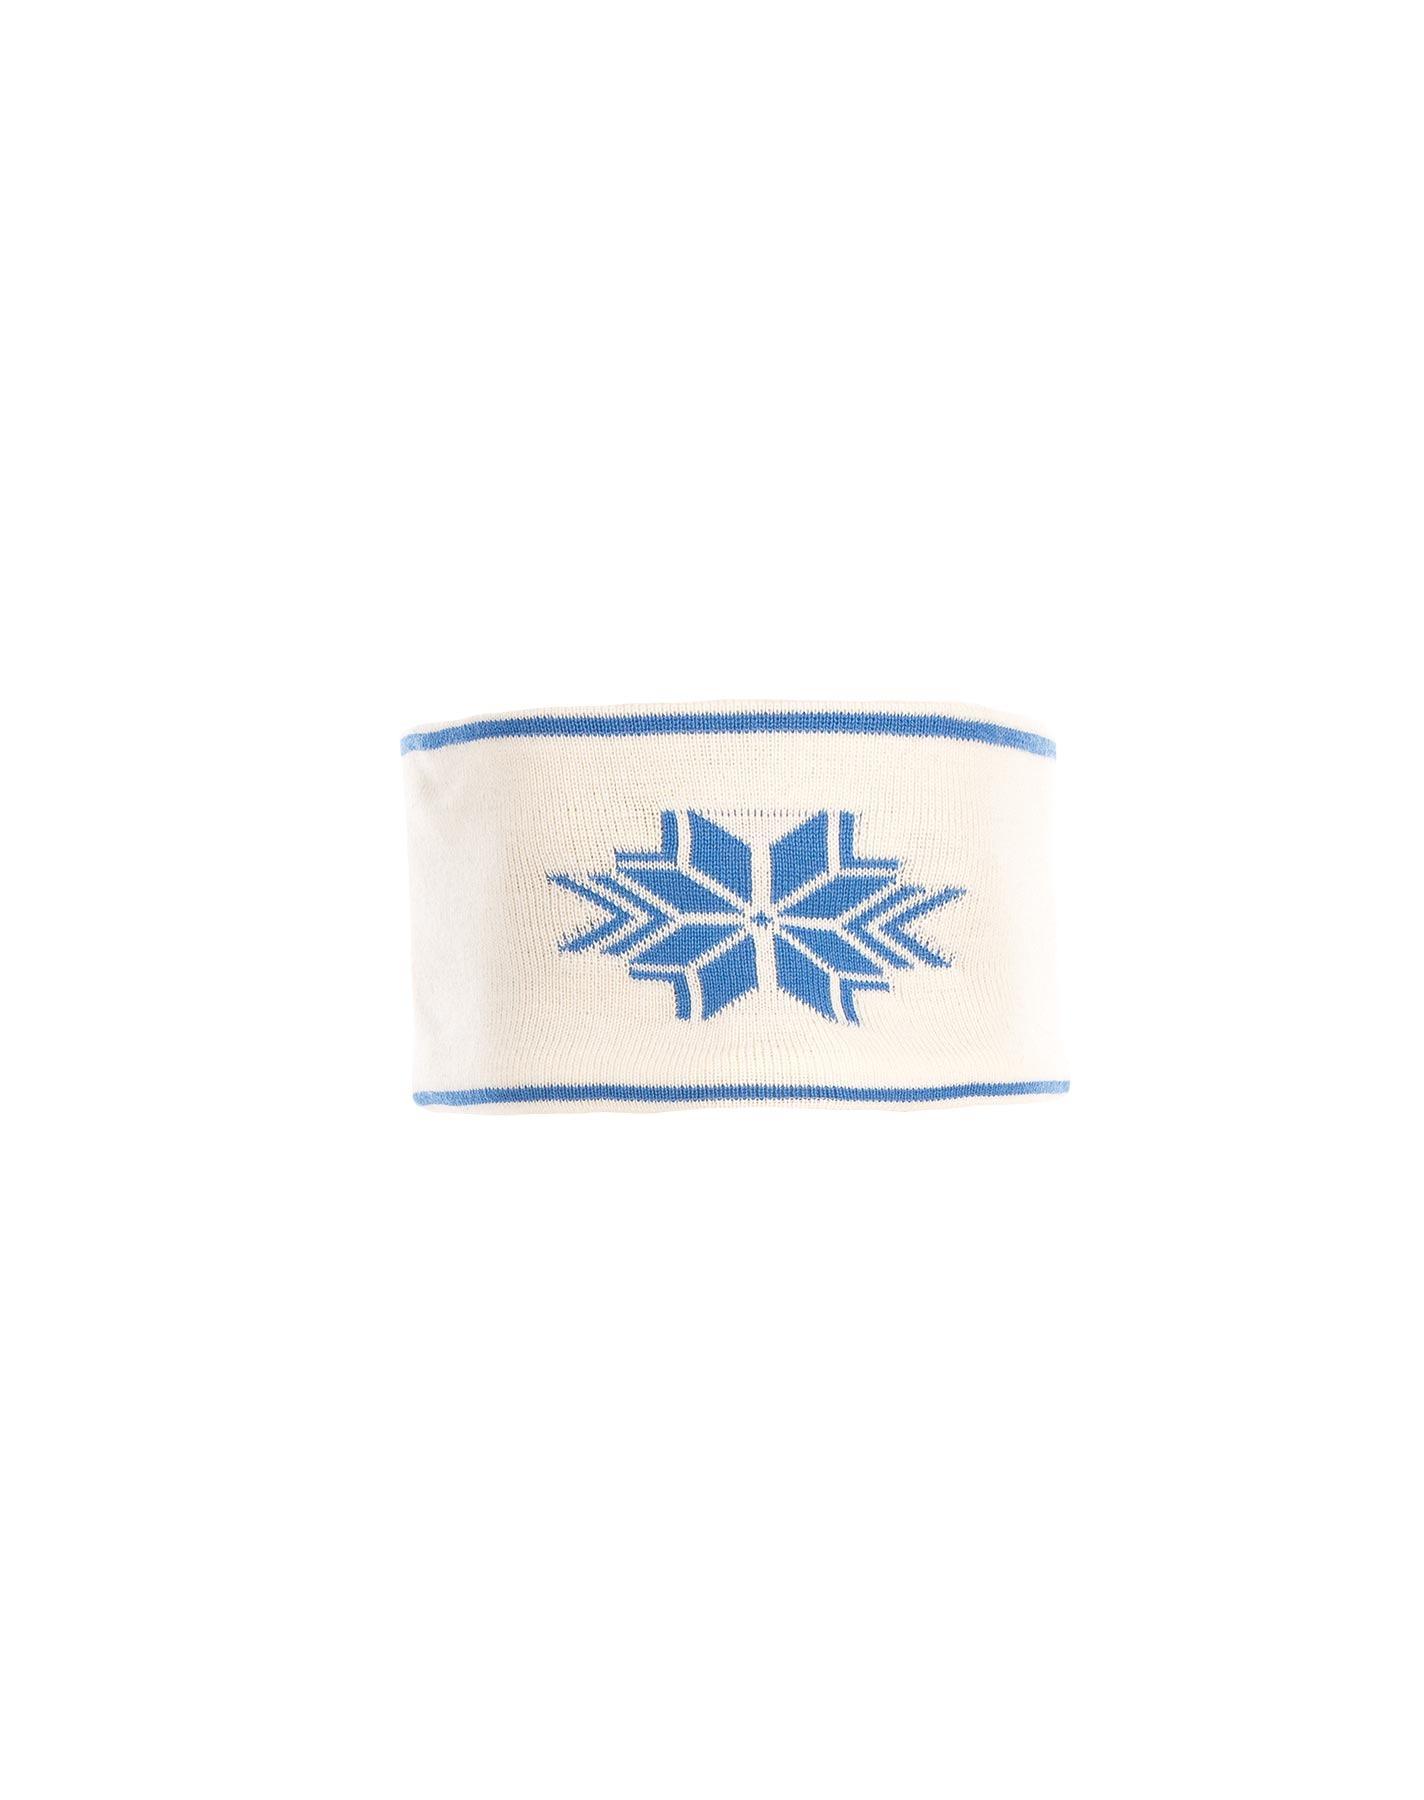 Geilo Headband (3)